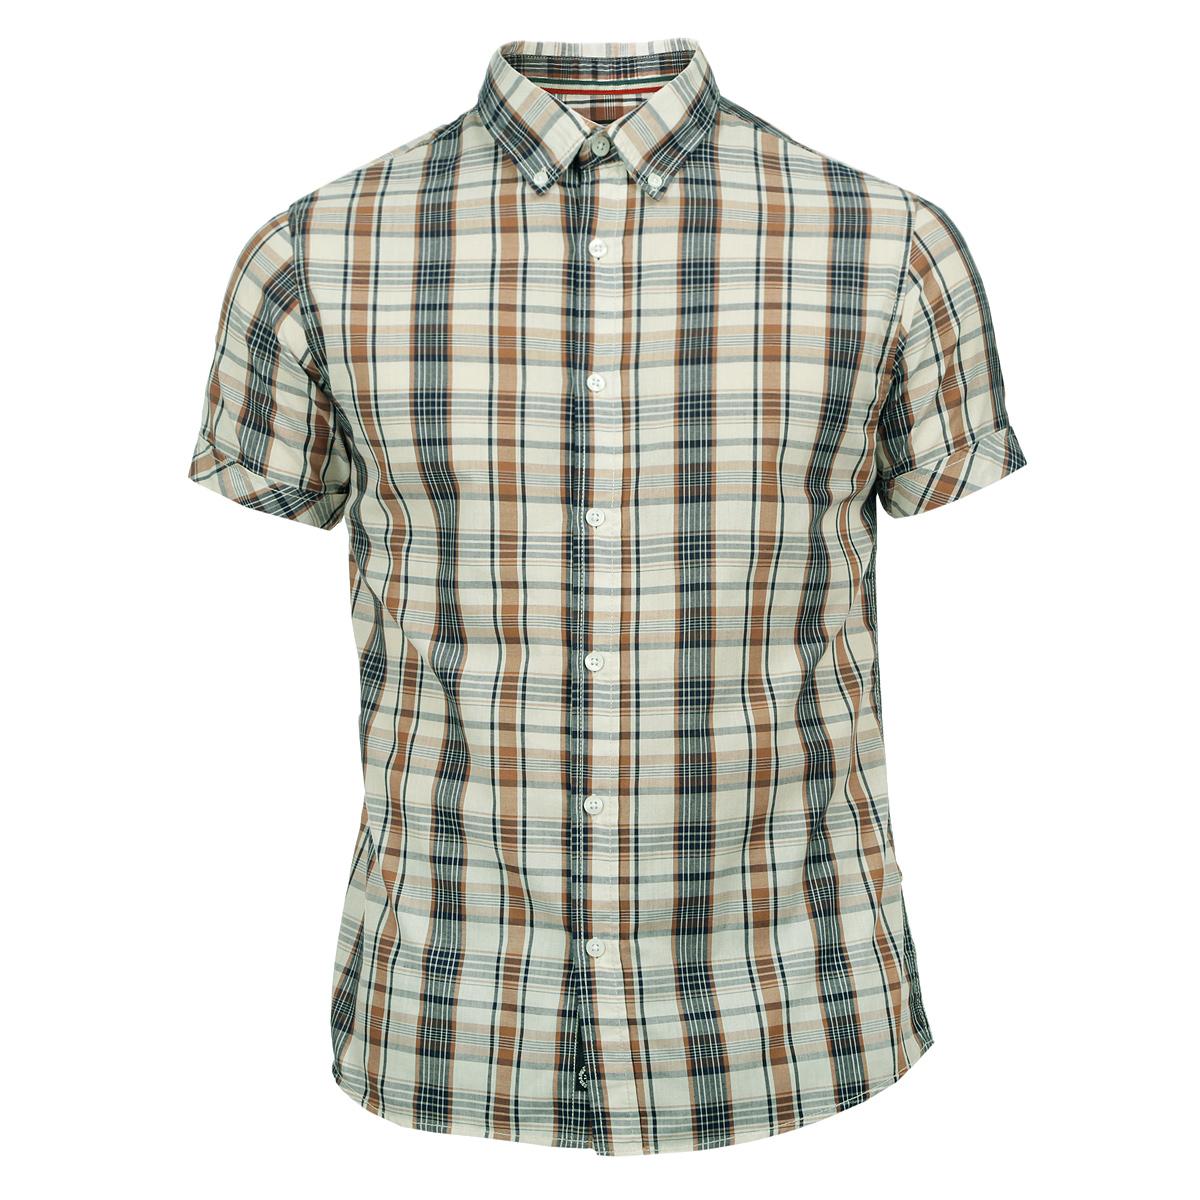 Рубашка10152556 02BСтильная мужская рубашка Broadway, изготовленная из высококачественного материала, необычайно мягкая и приятная на ощупь, не сковывает движения и позволяет коже дышать, обеспечивая наибольший комфорт. Модная рубашка прямого кроя с короткими рукавами, отложным воротником и полукруглым низом. Застегивается изделие на пуговицы. Эта рубашка идеальный вариант для повседневного гардероба. Такая модель порадует настоящих ценителей комфорта и практичности!